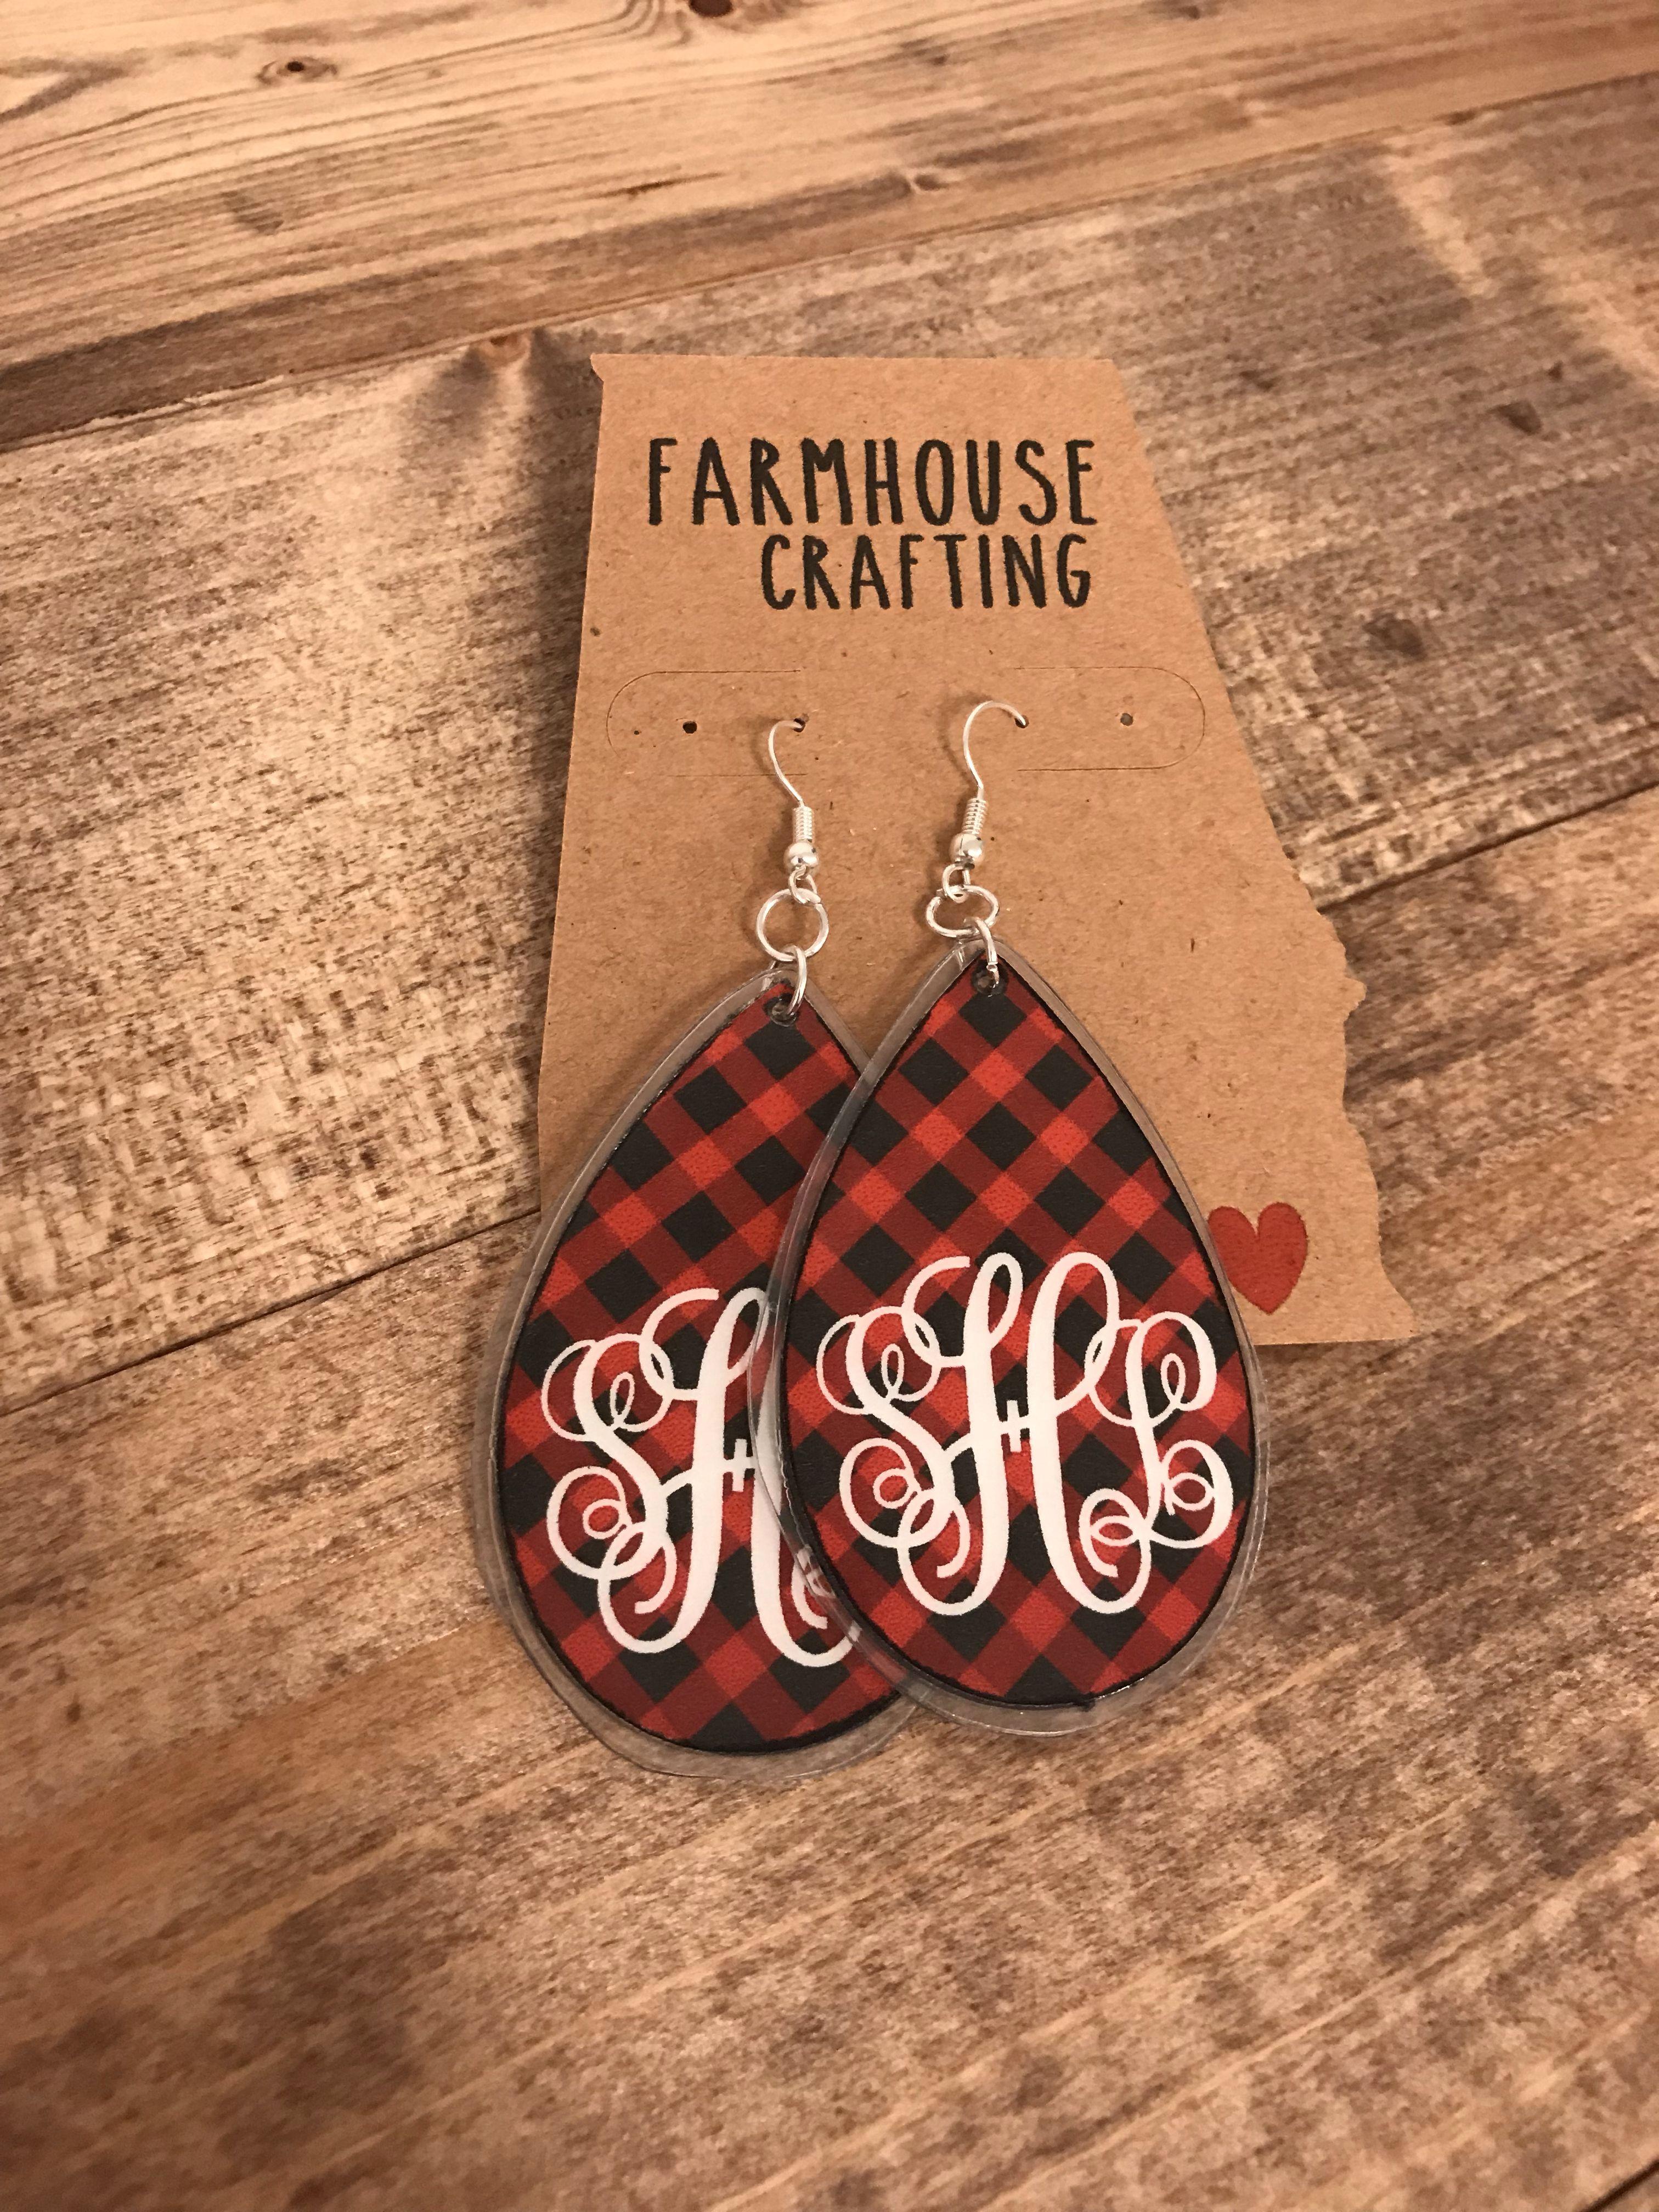 Buffalo Plaid Earrings 10 00 Diy Leather Earrings Monogrammed Earrings Vinyl Silhouette Jewelry